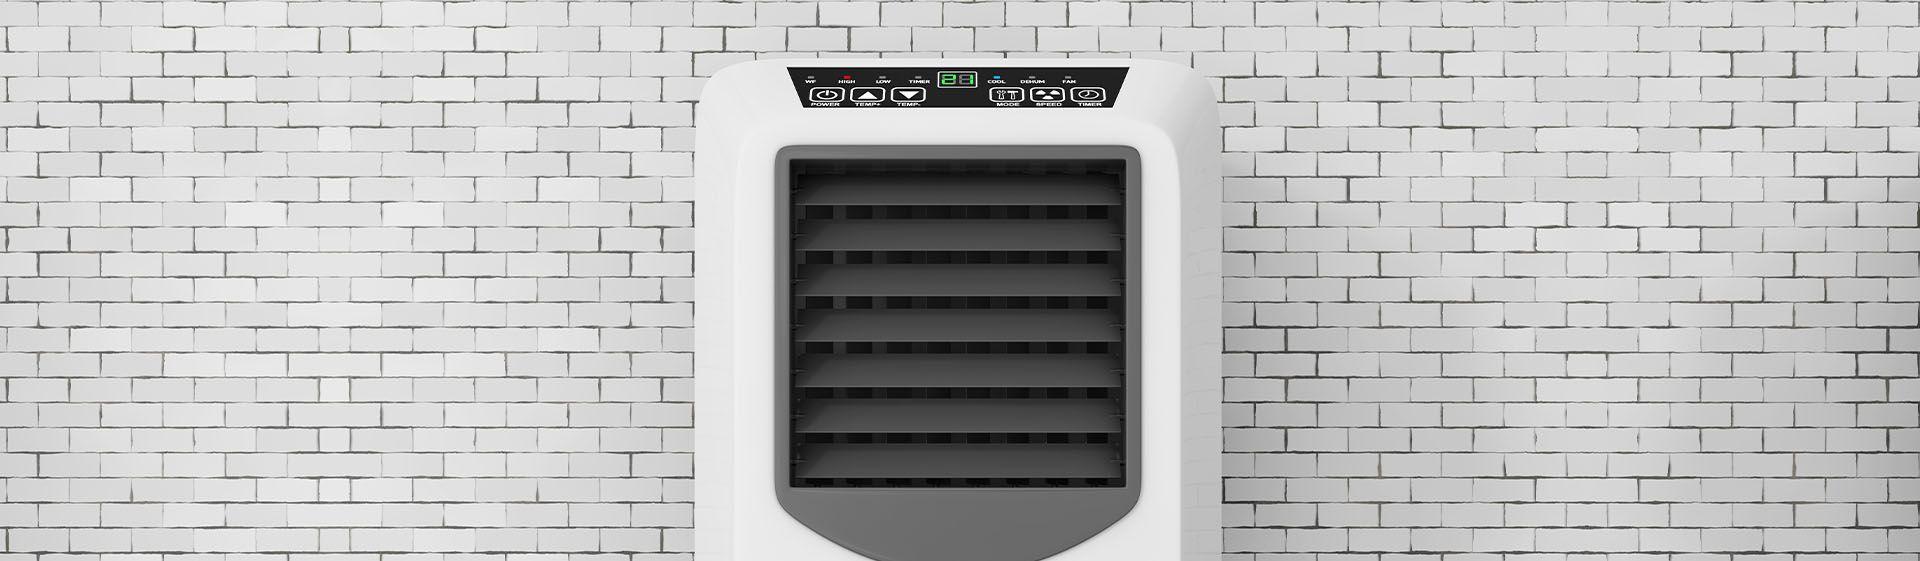 Melhor ar-condicionado portátil: veja os que valem a pena em 2020